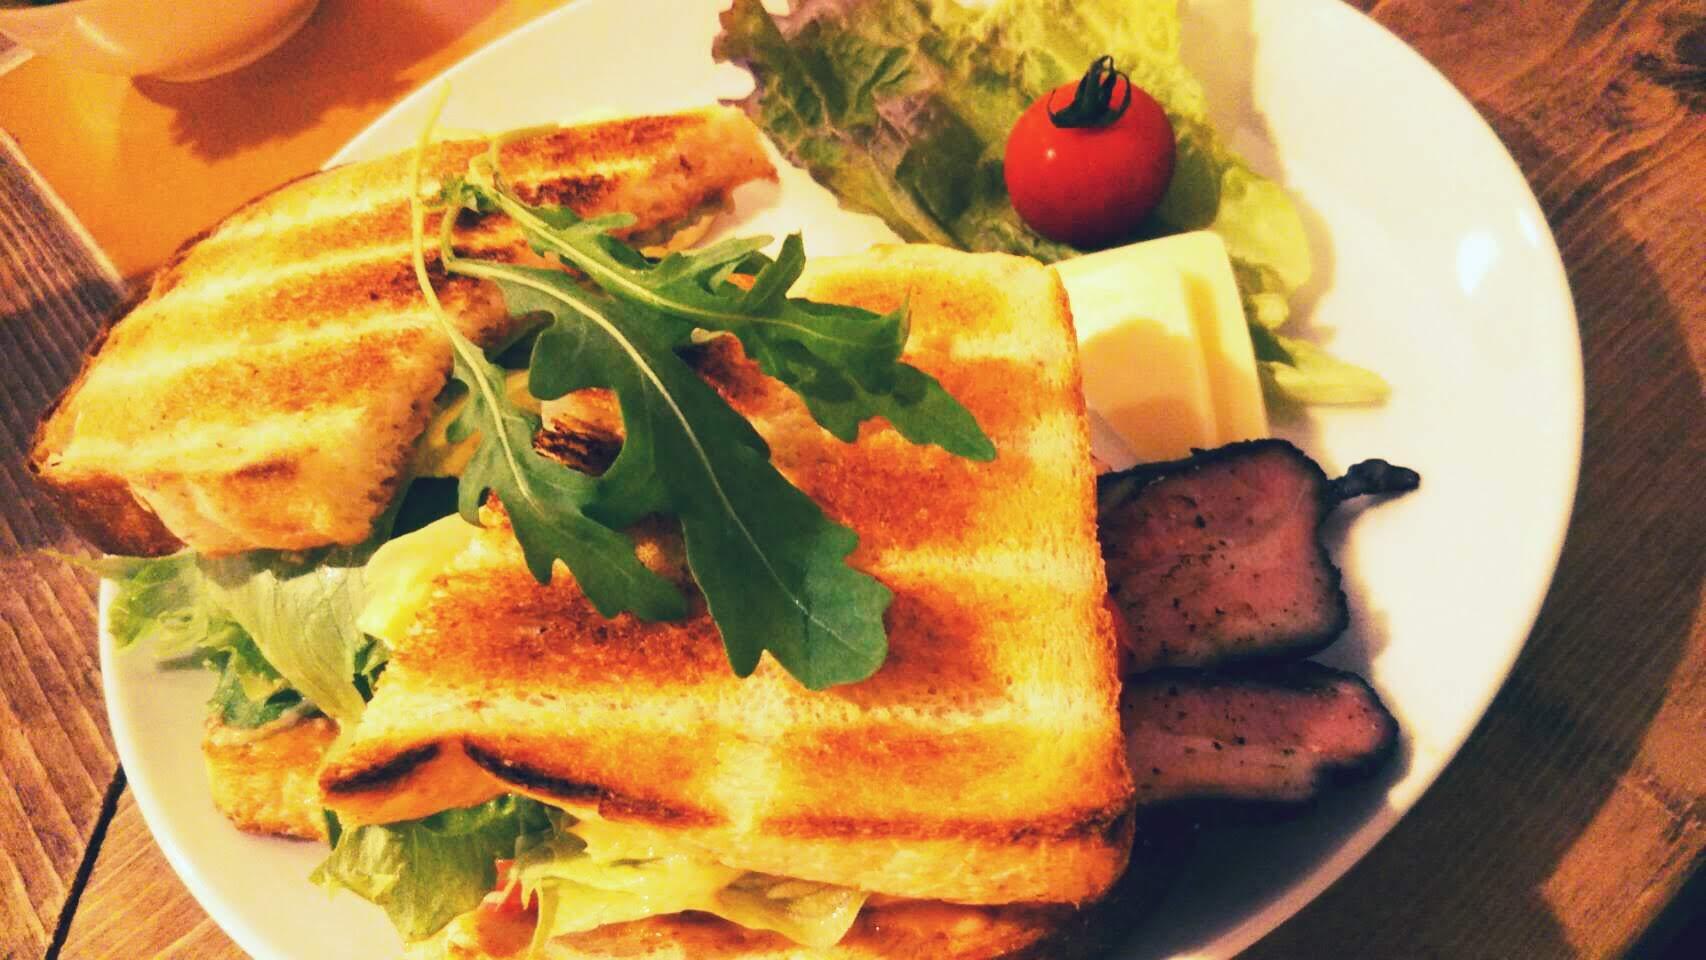 洞爺温泉街の山岳喫茶、自家製パンのサンドが美味しい!